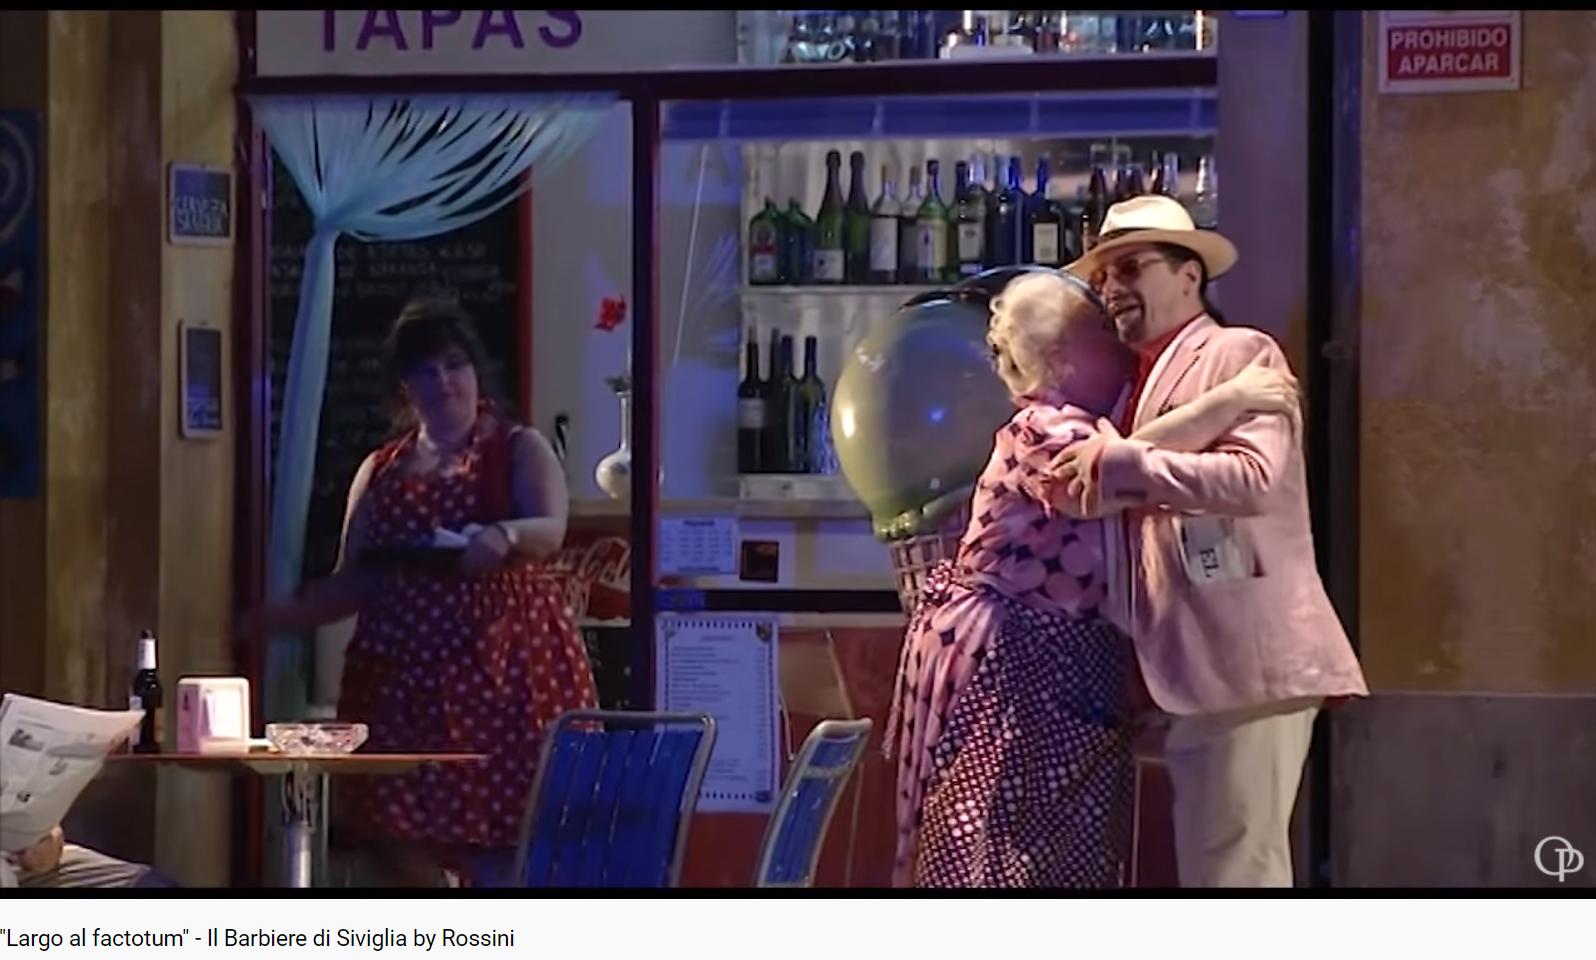 Rossini Il Barbiere di Siviglia Largo al factotum